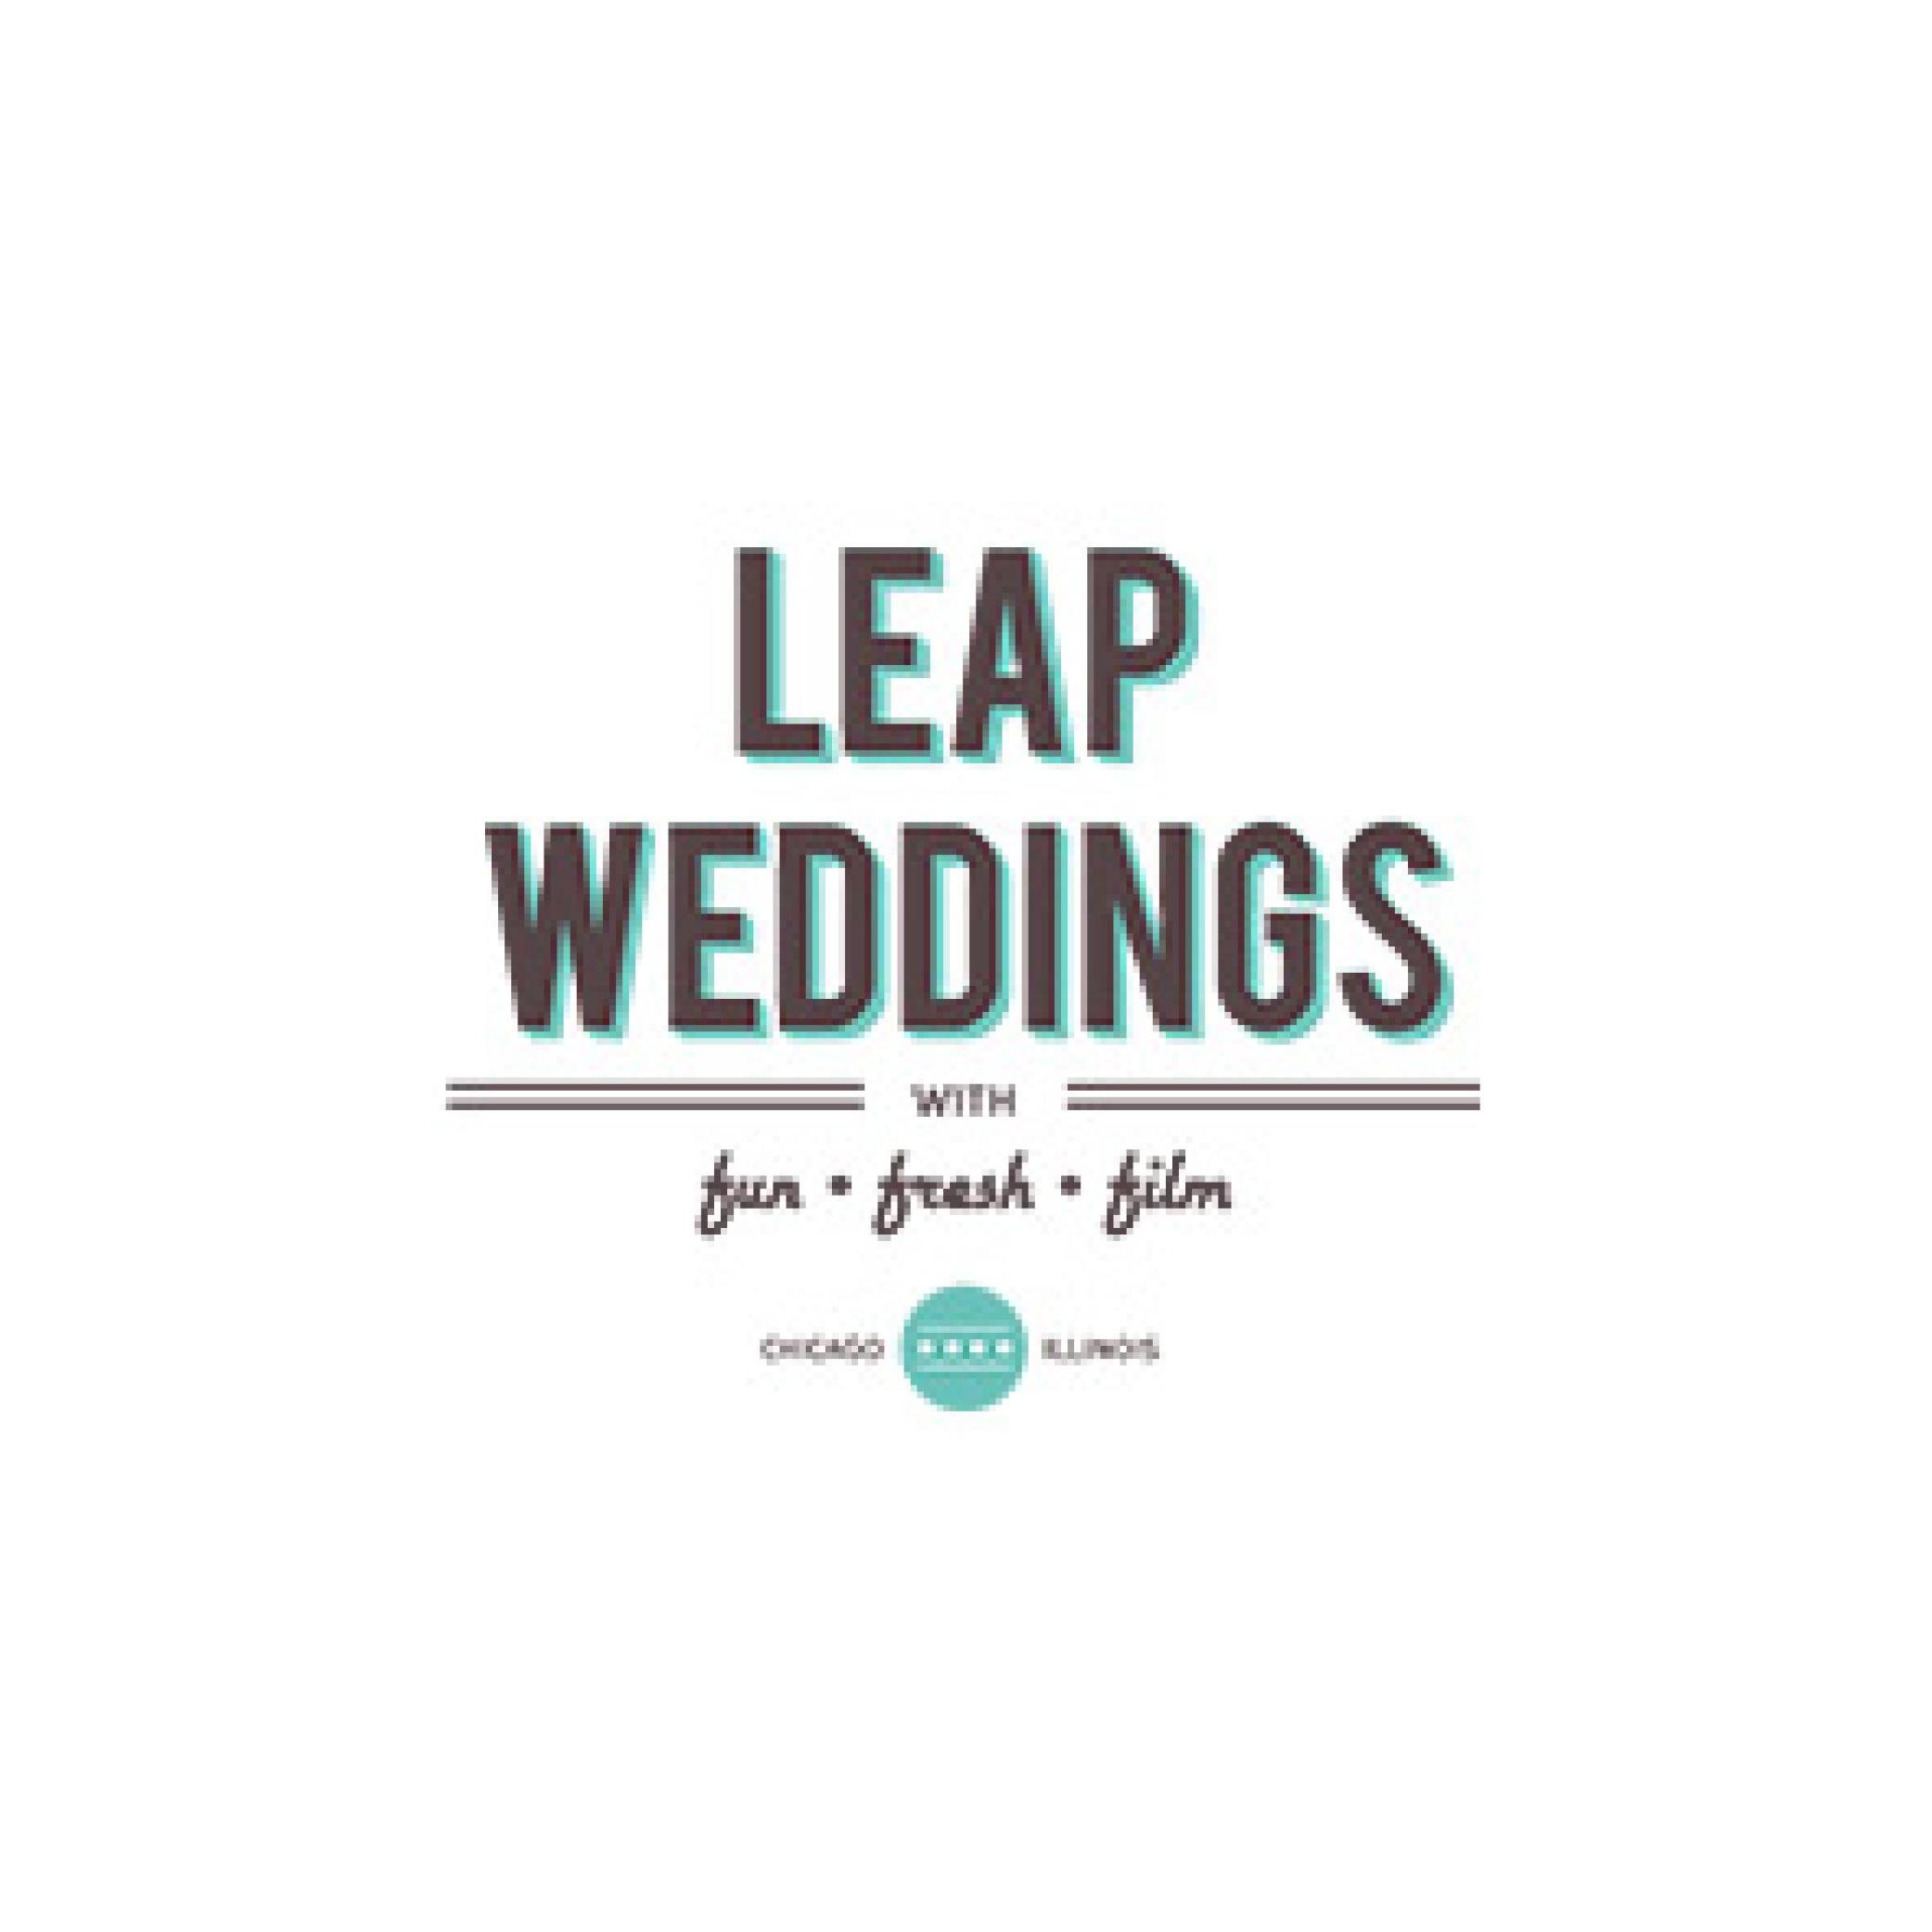 LEAP Weddings.jpg